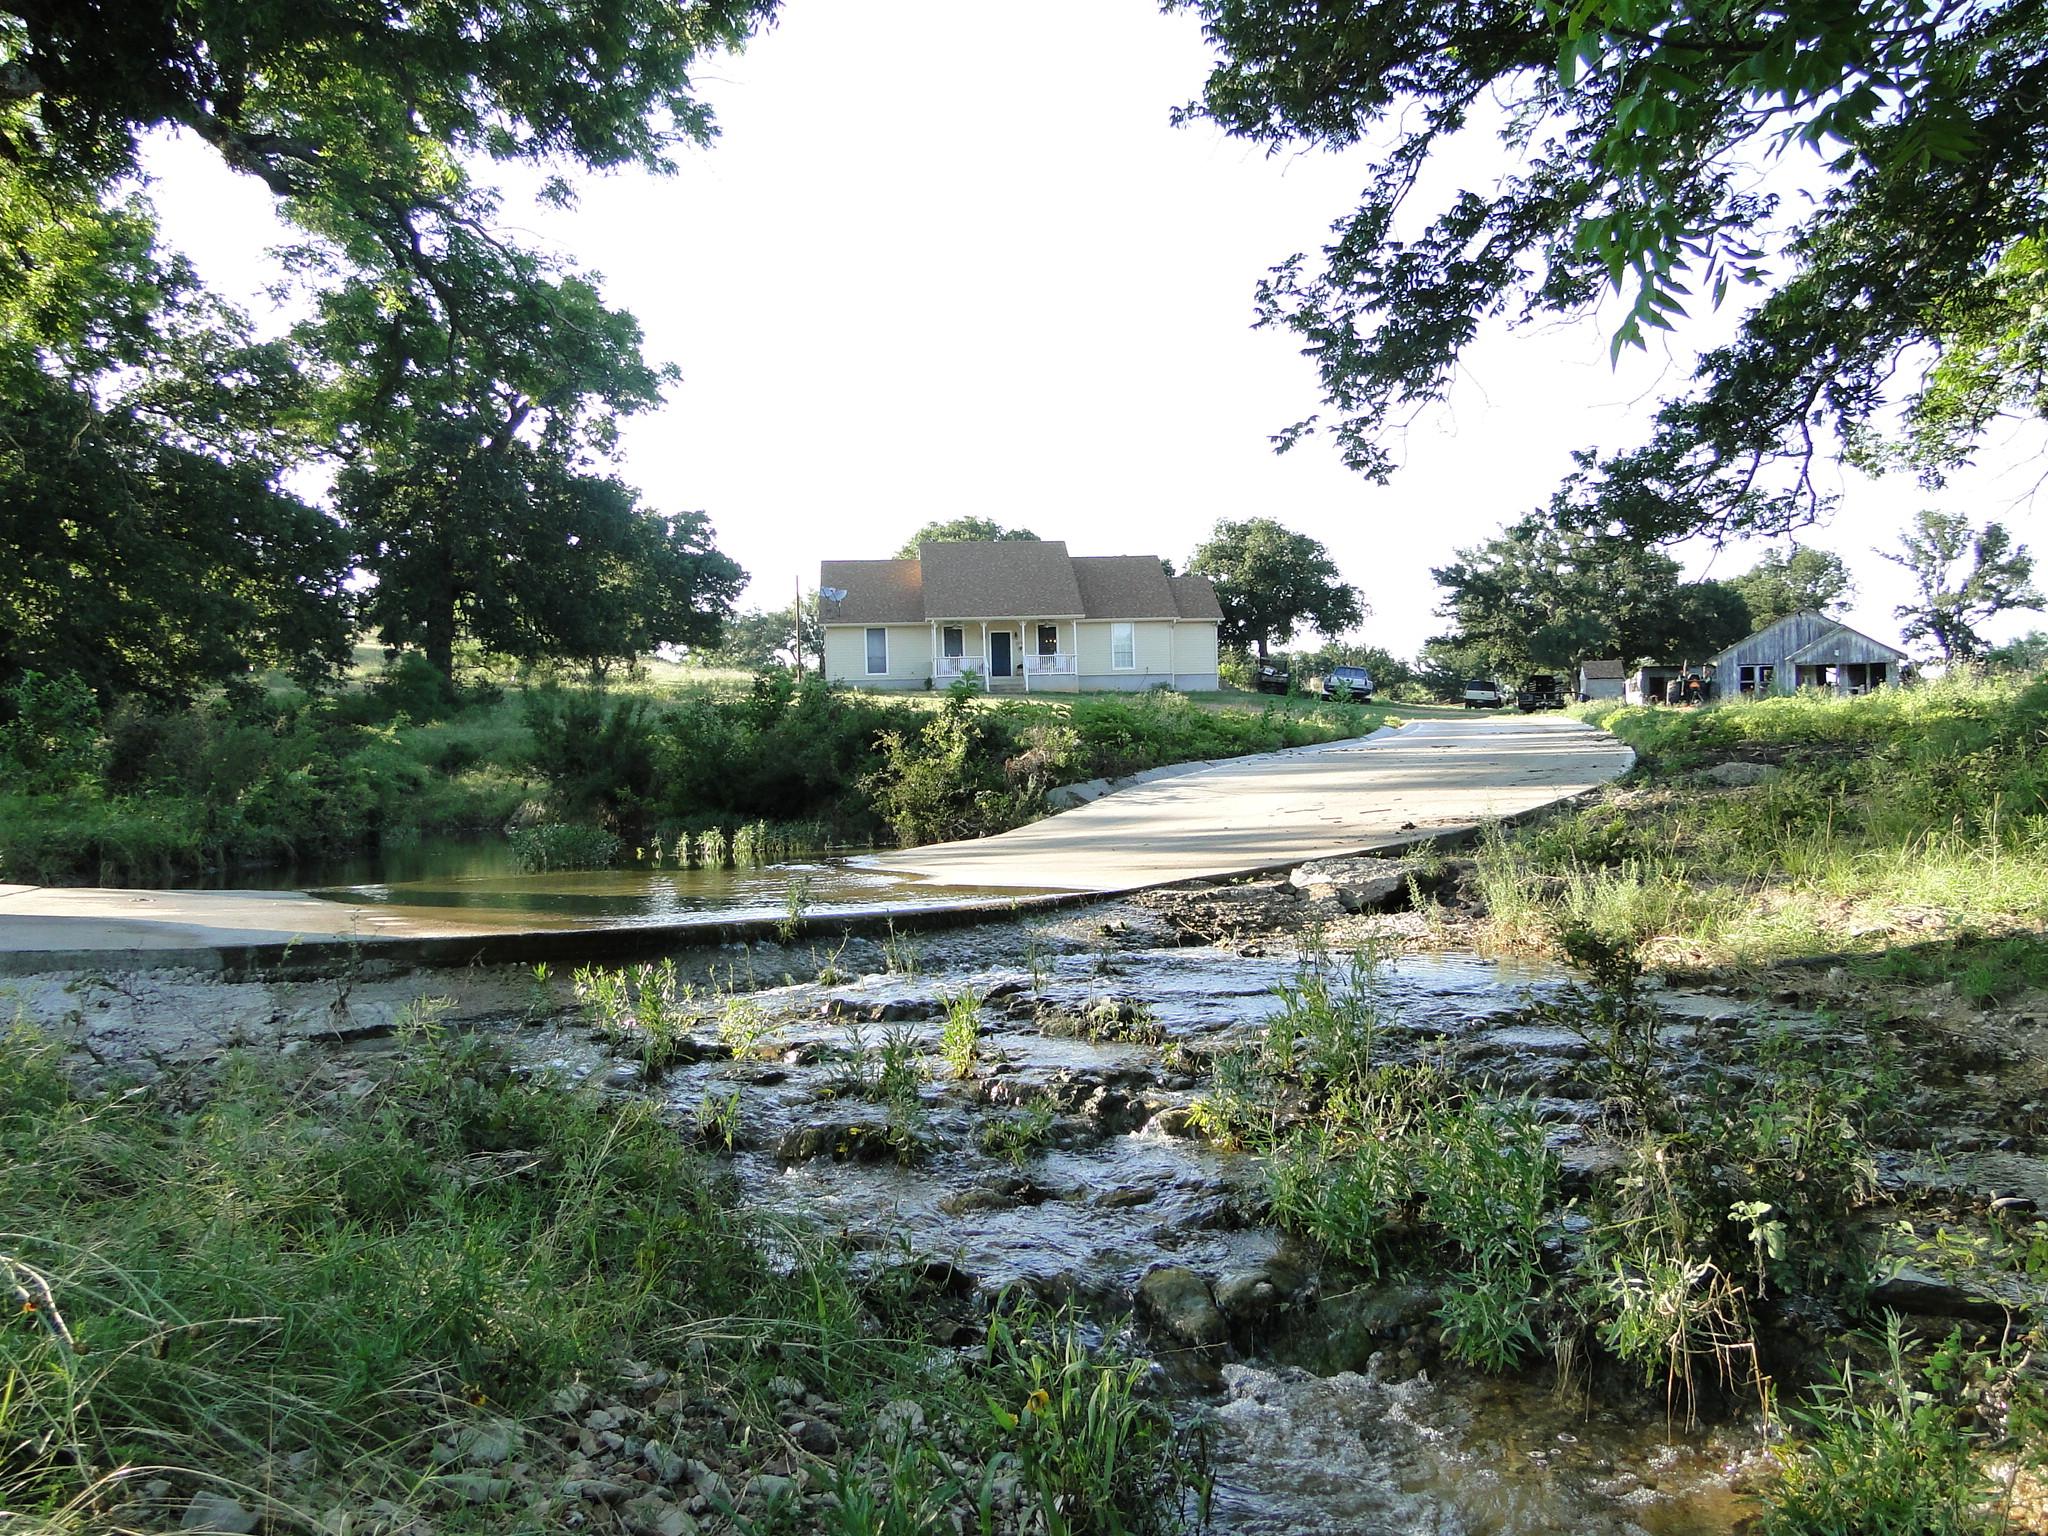 Home overlooking Love Creek